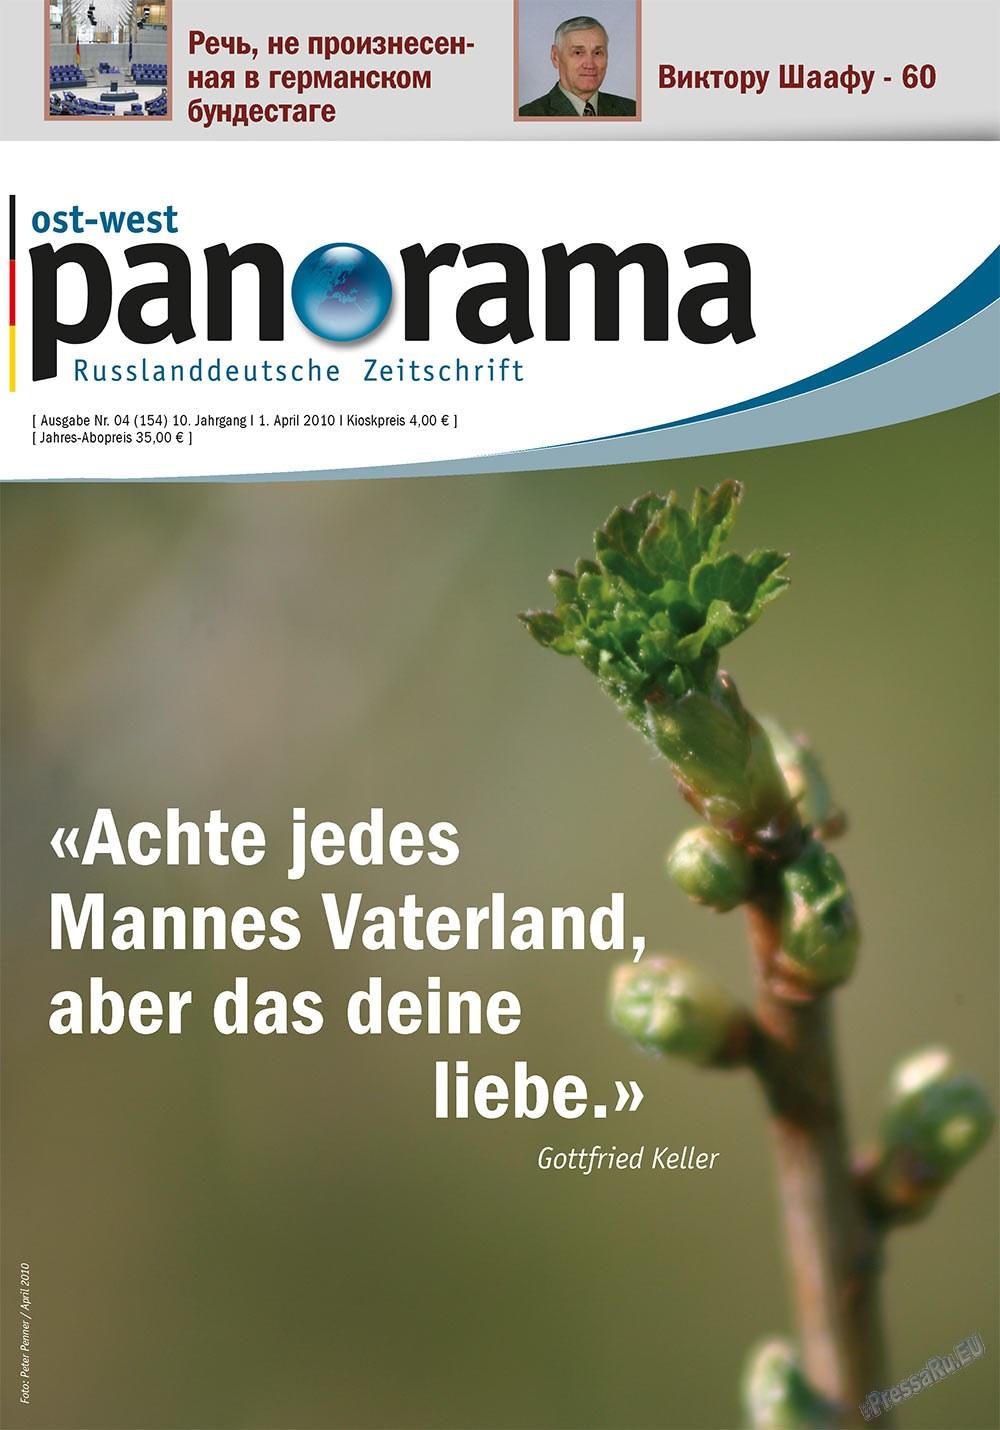 Ost-West Panorama (журнал). 2010 год, номер 4, стр. 1